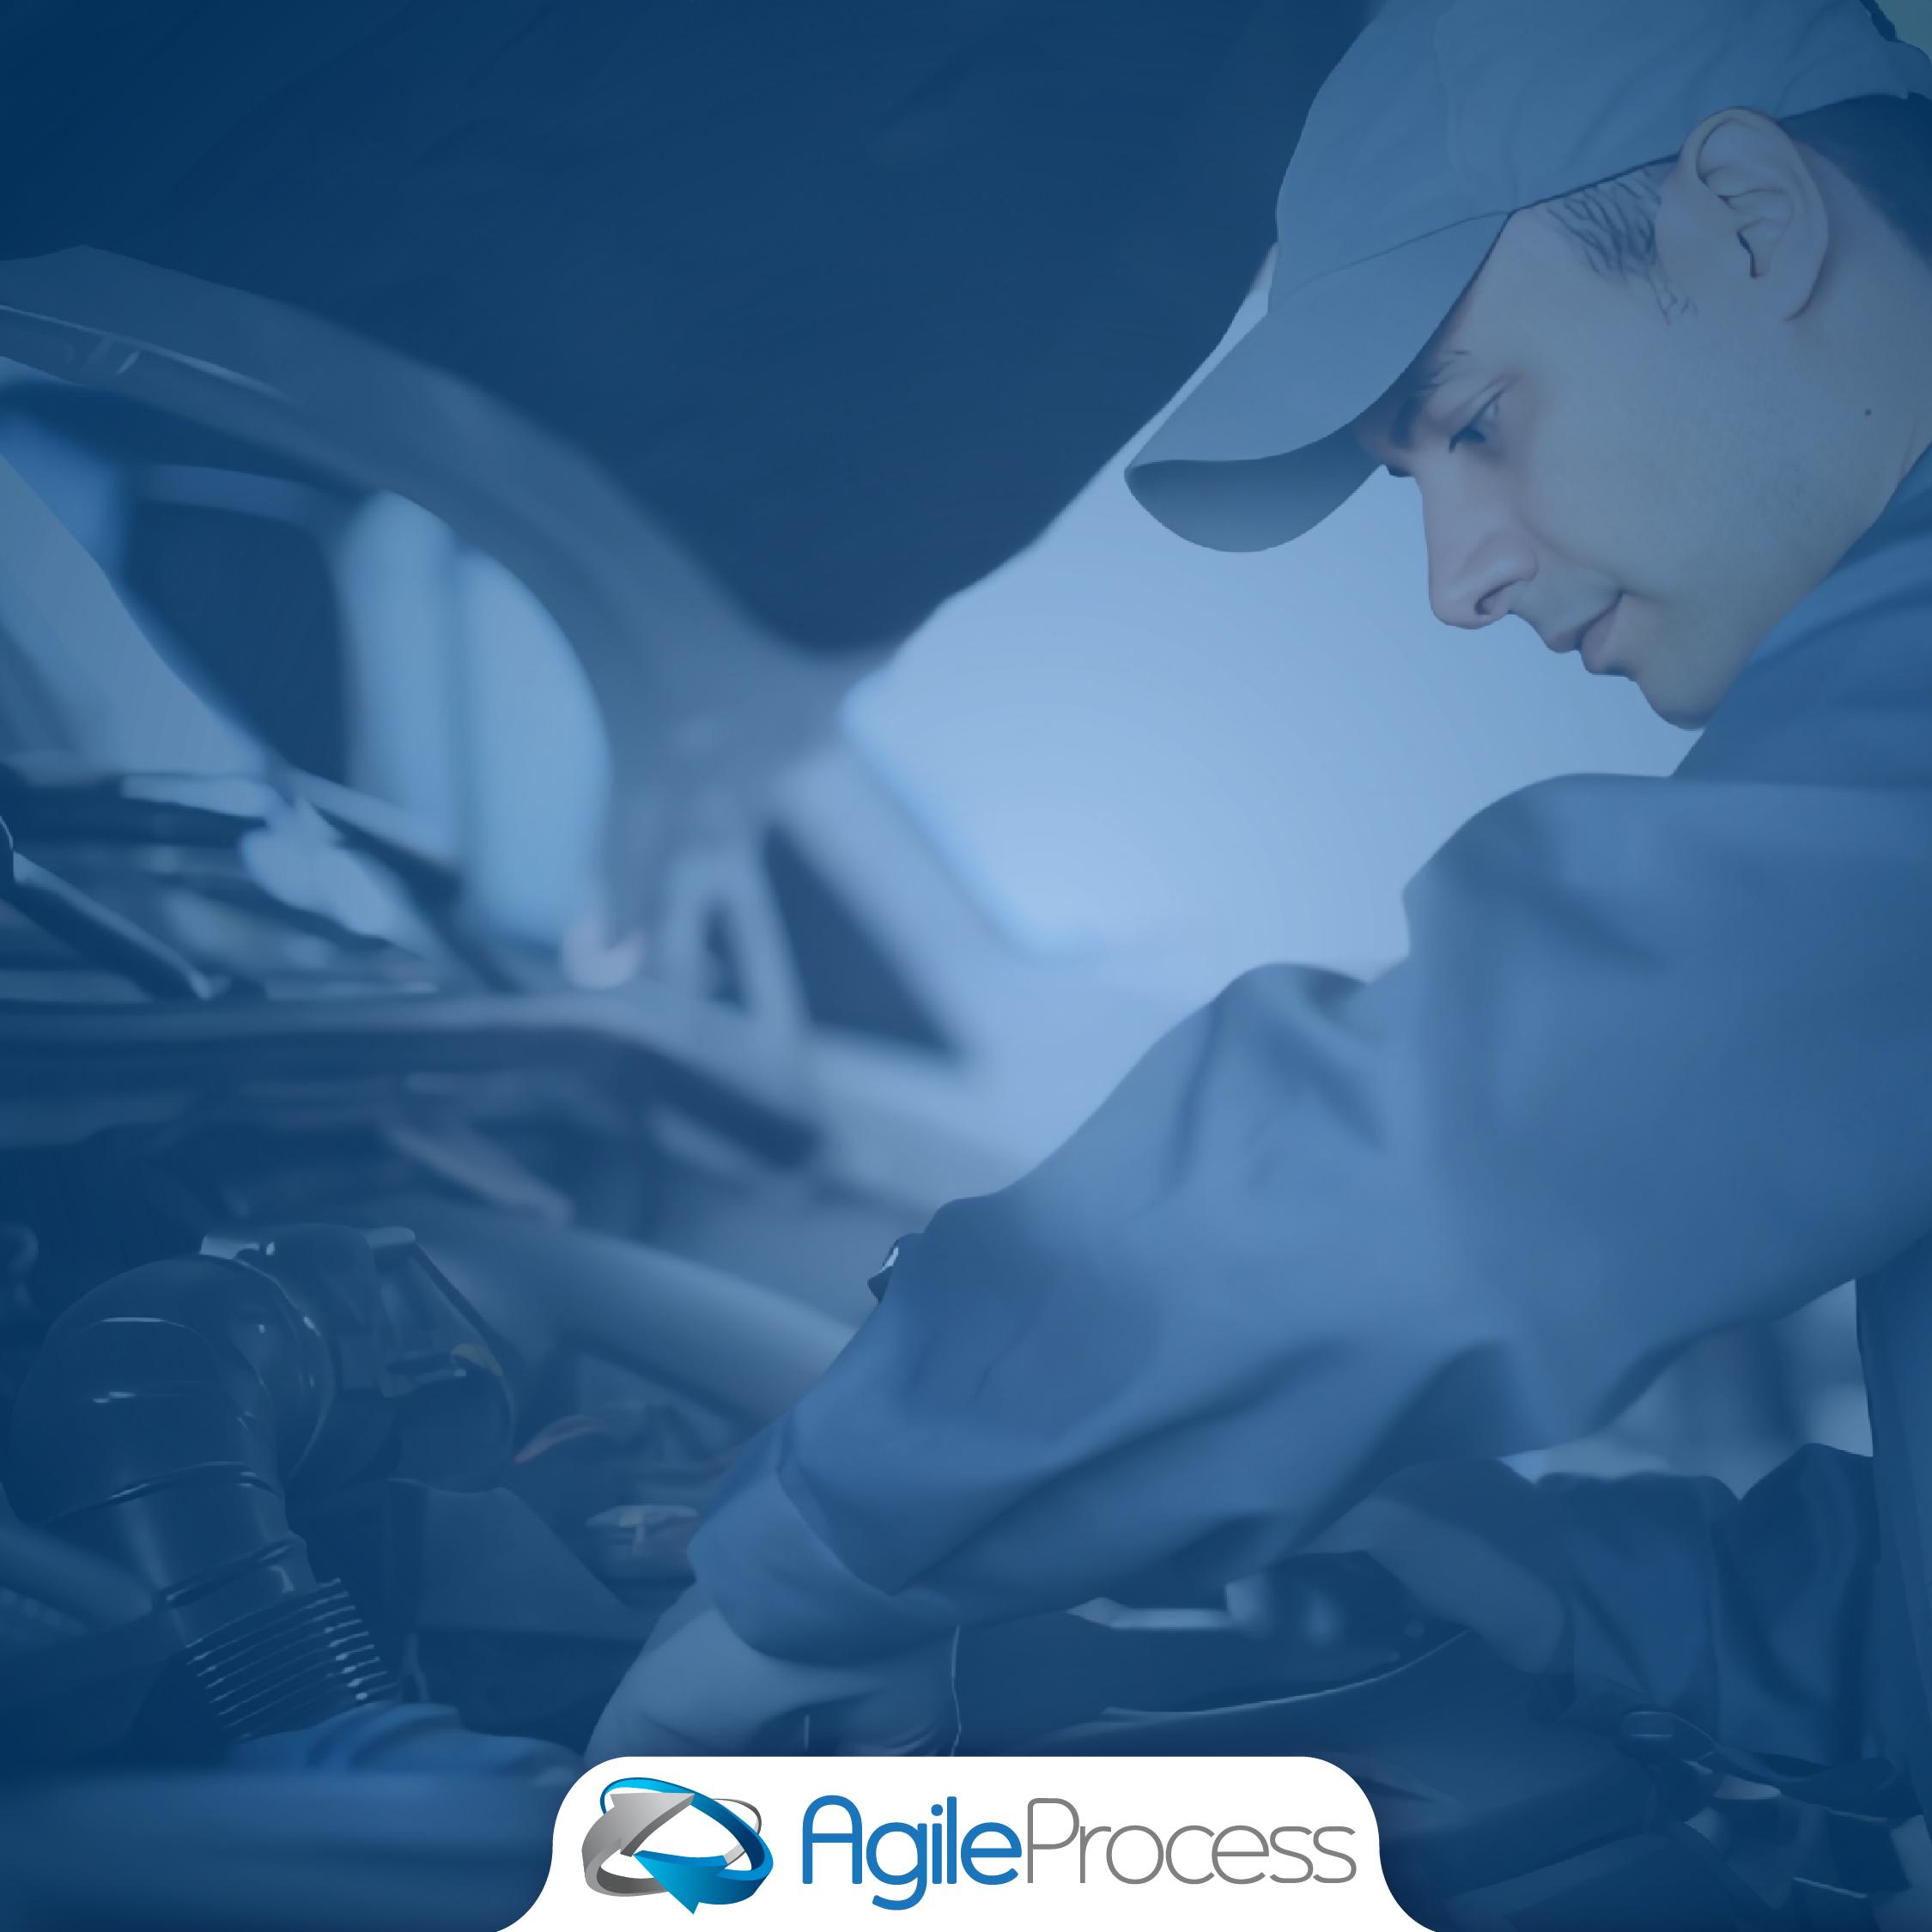 caminhao_logistica_motor_durabilidade_agileprocess_logistica